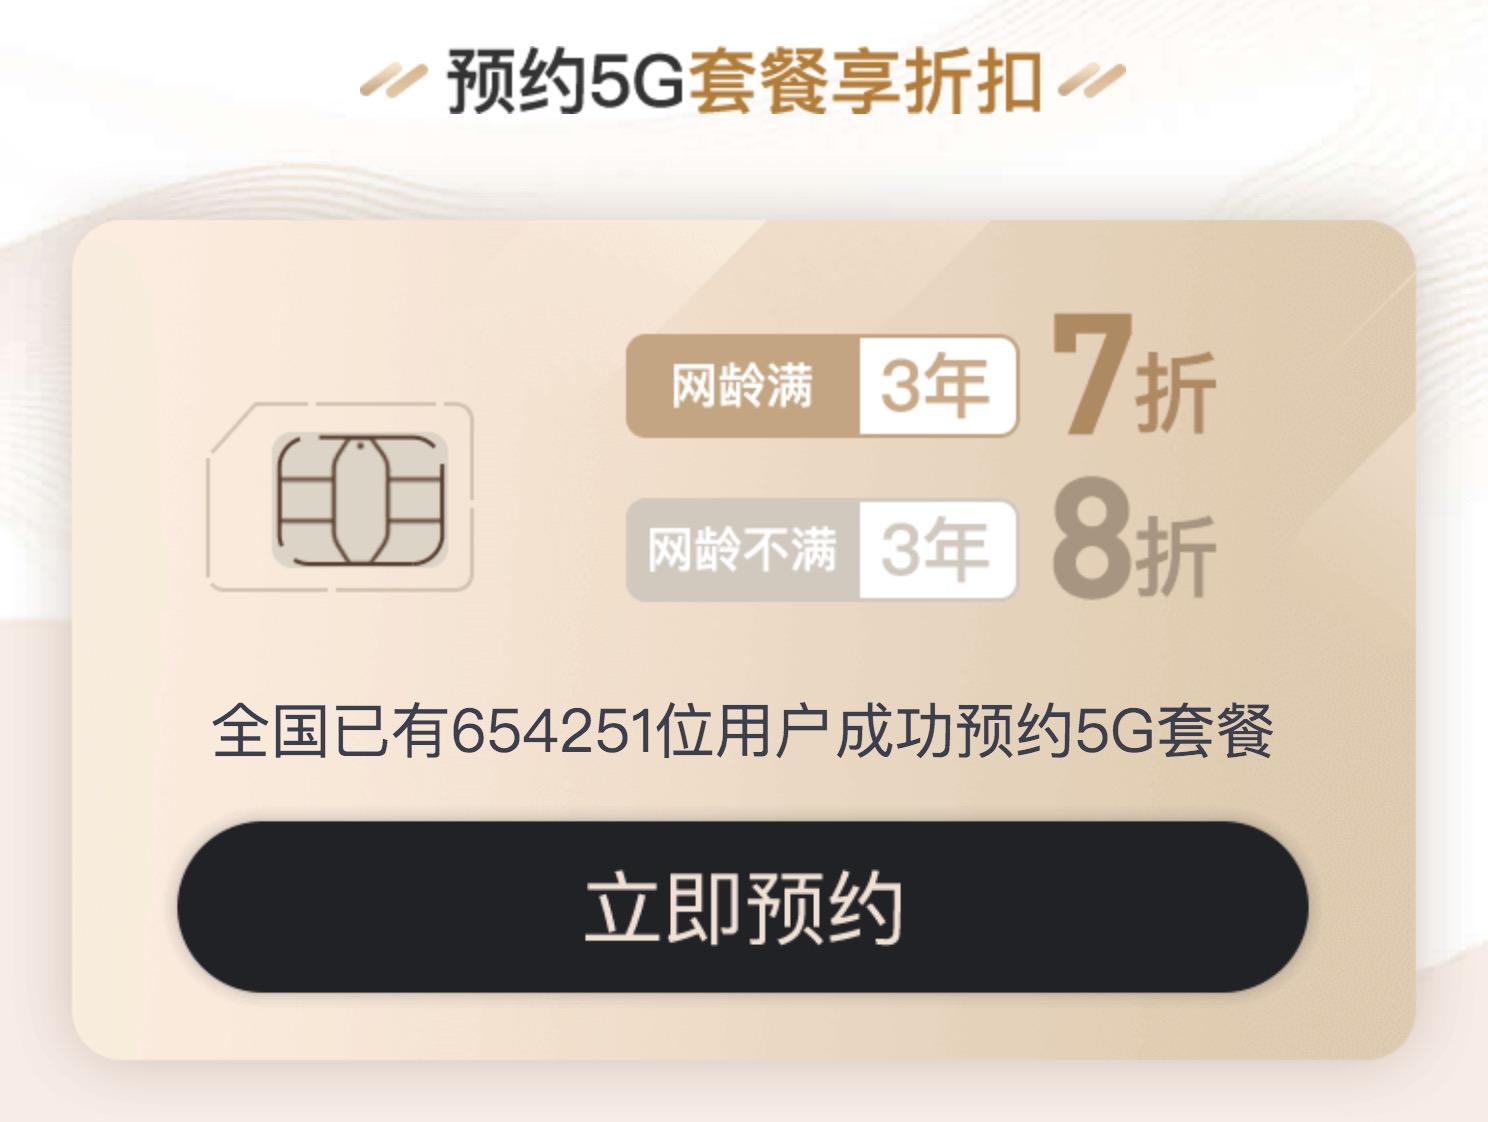 千万用户预约5G,5G套餐多少钱一个月什么时候出来